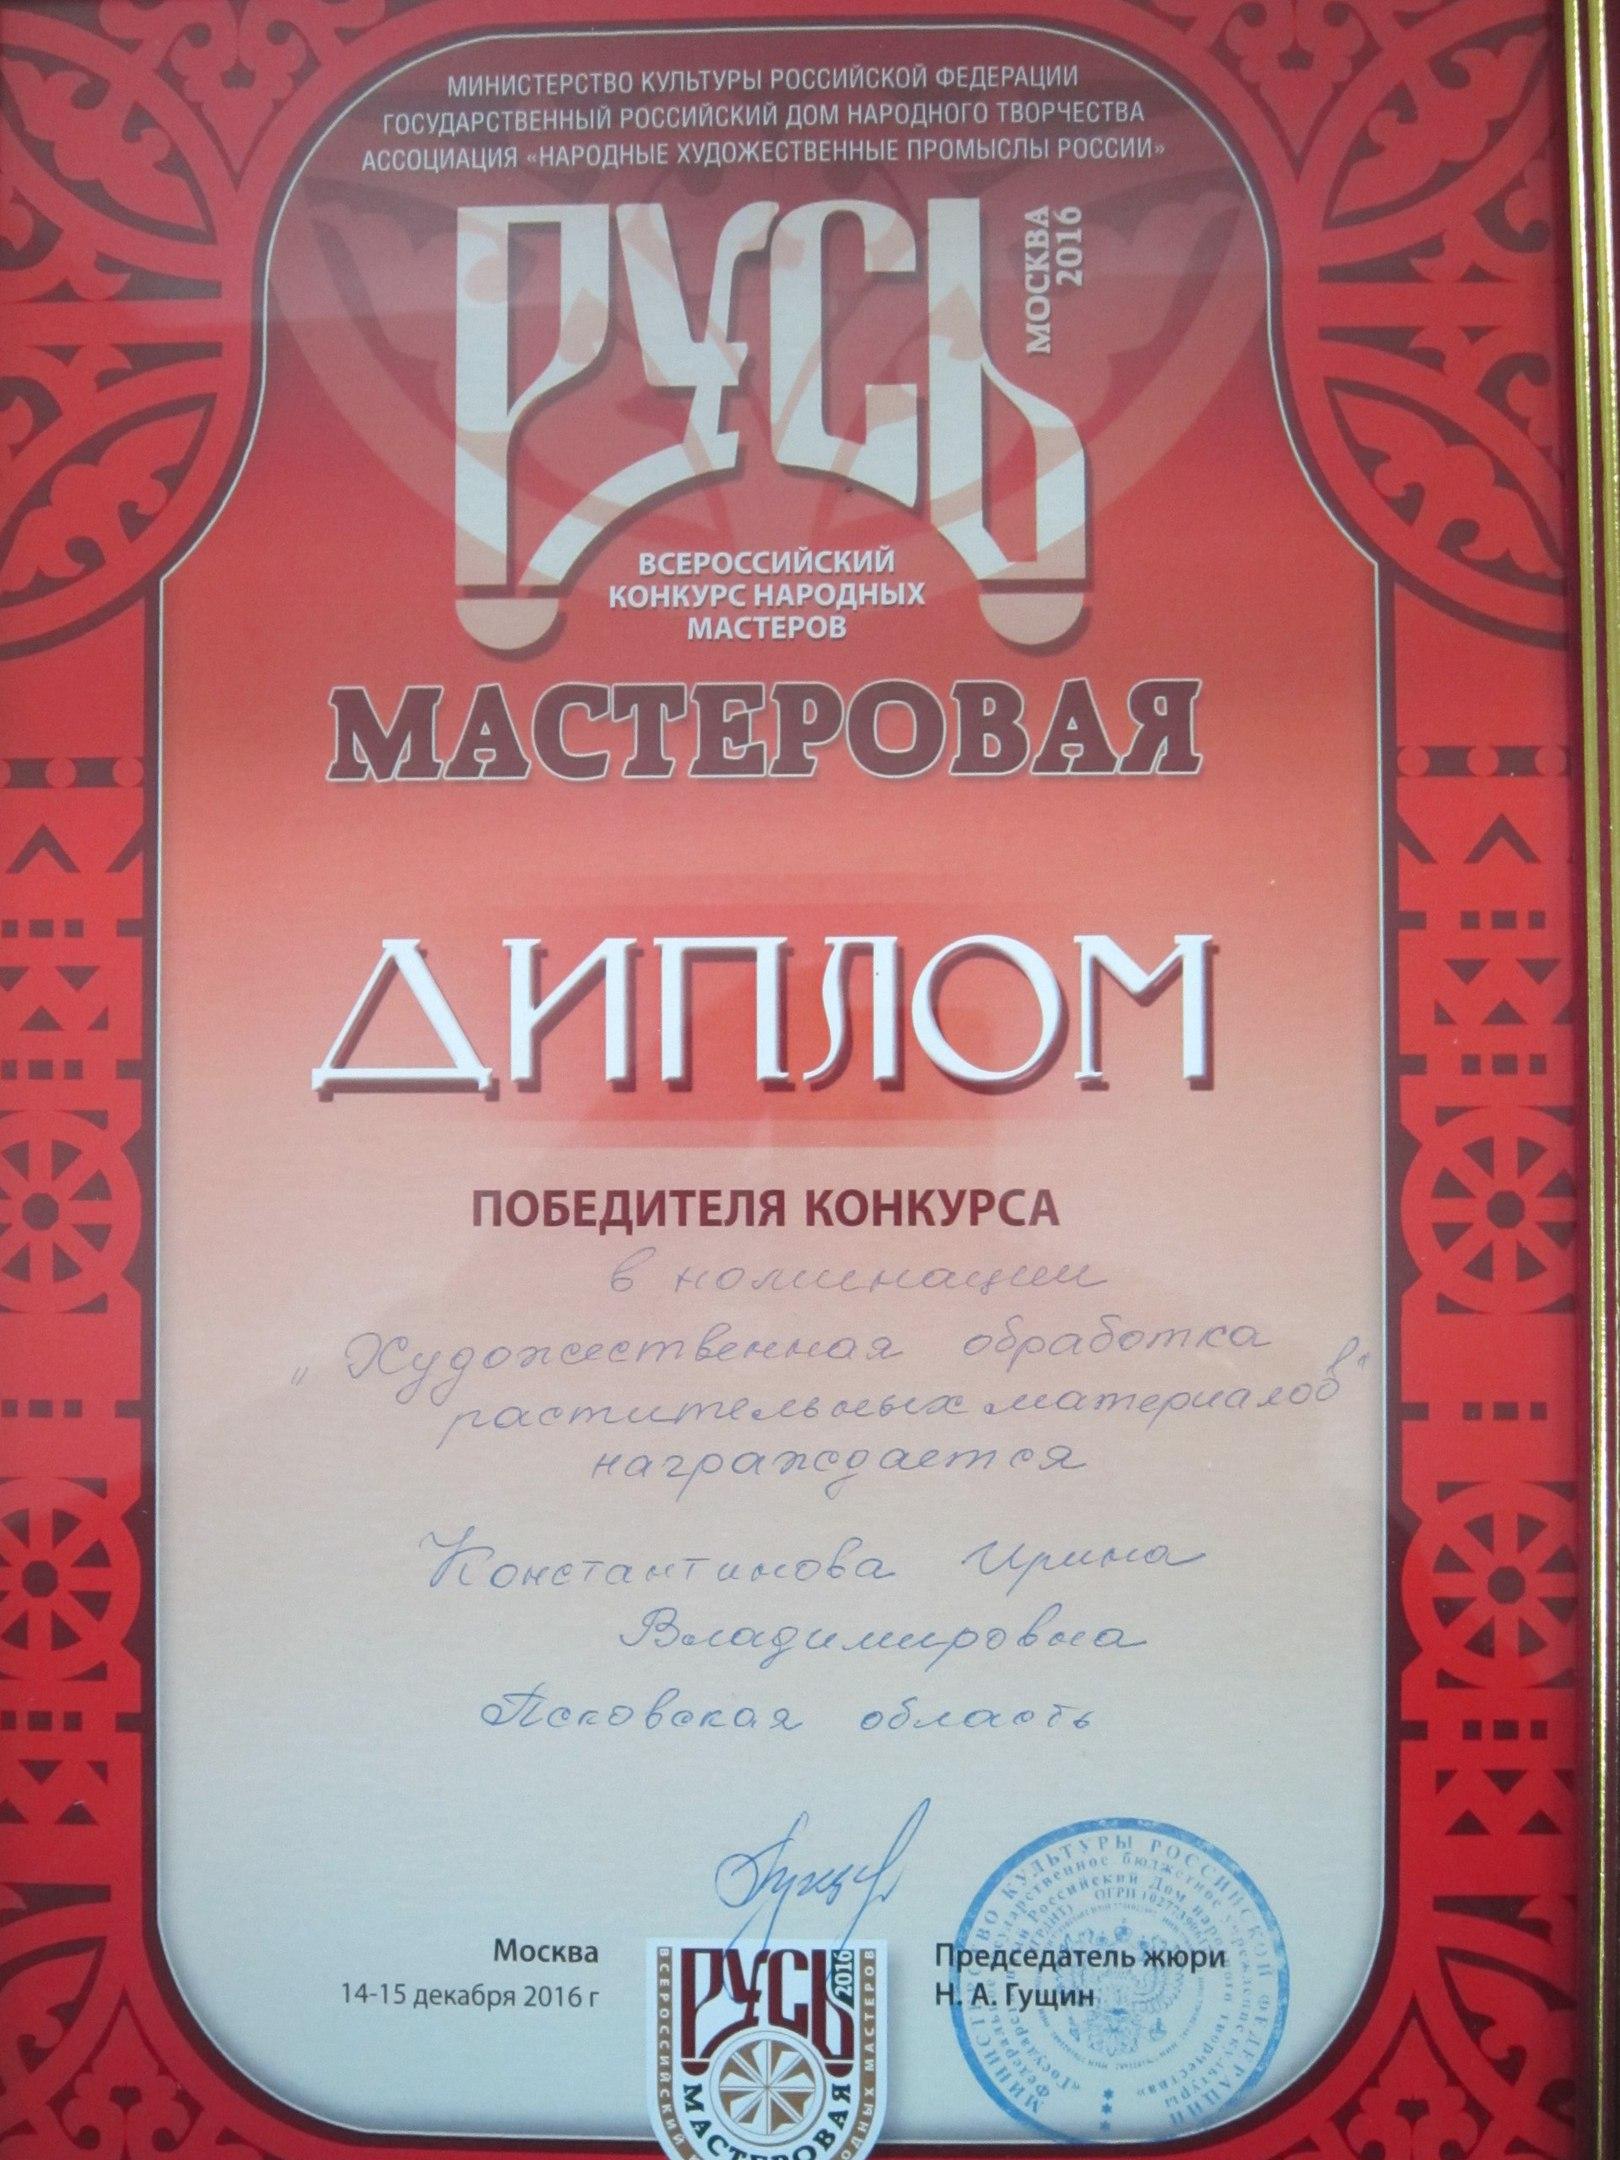 диплом победителя Всероссийского конкурса мастеров декоративно-прикладного искусства